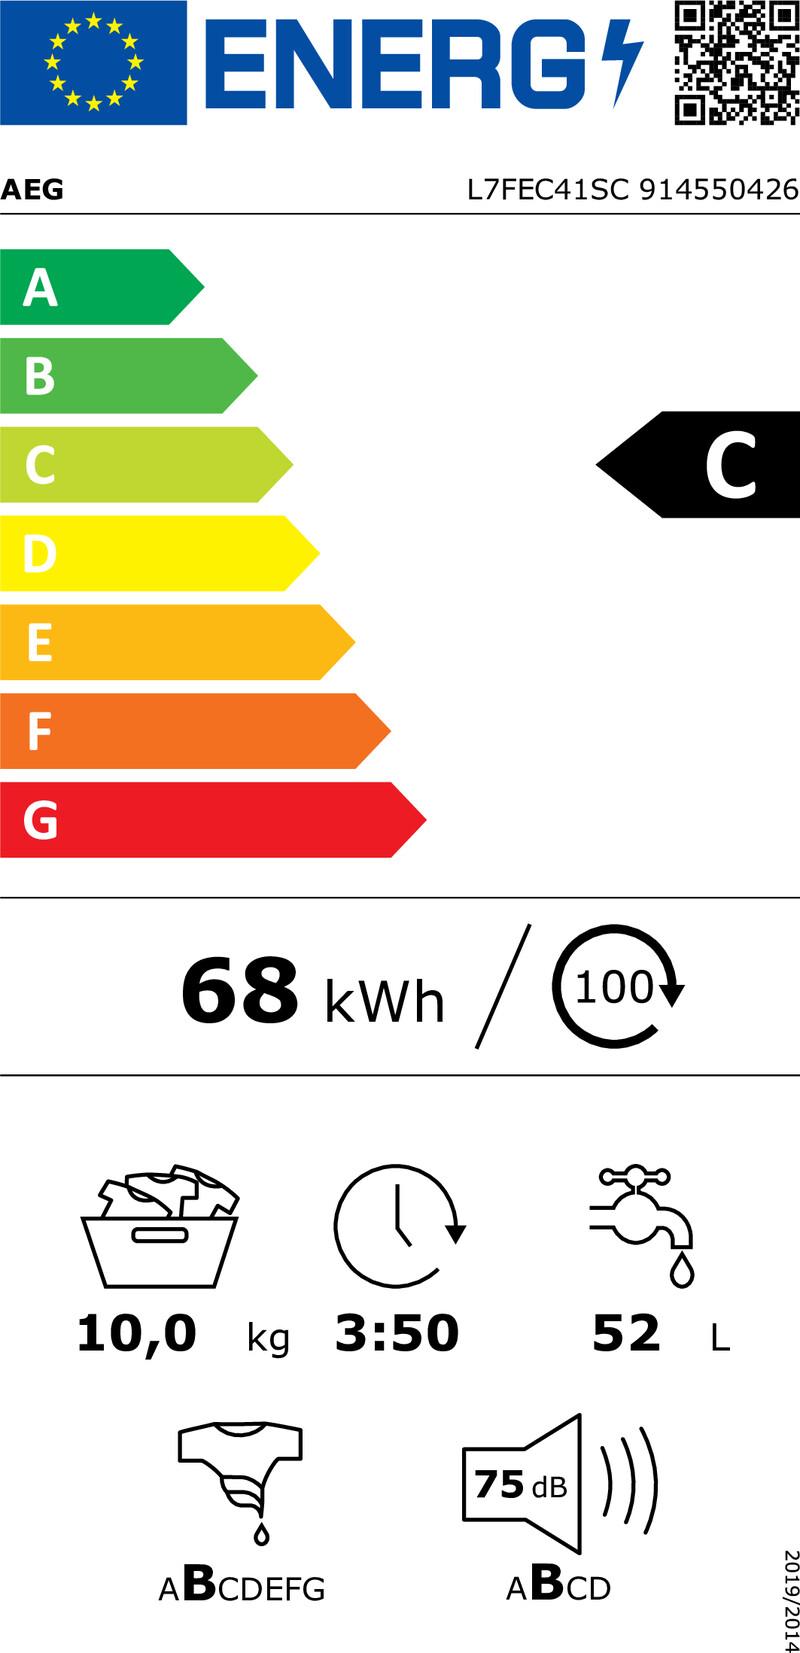 Energetický štítek AEG ProSteam® L7FEC41SC